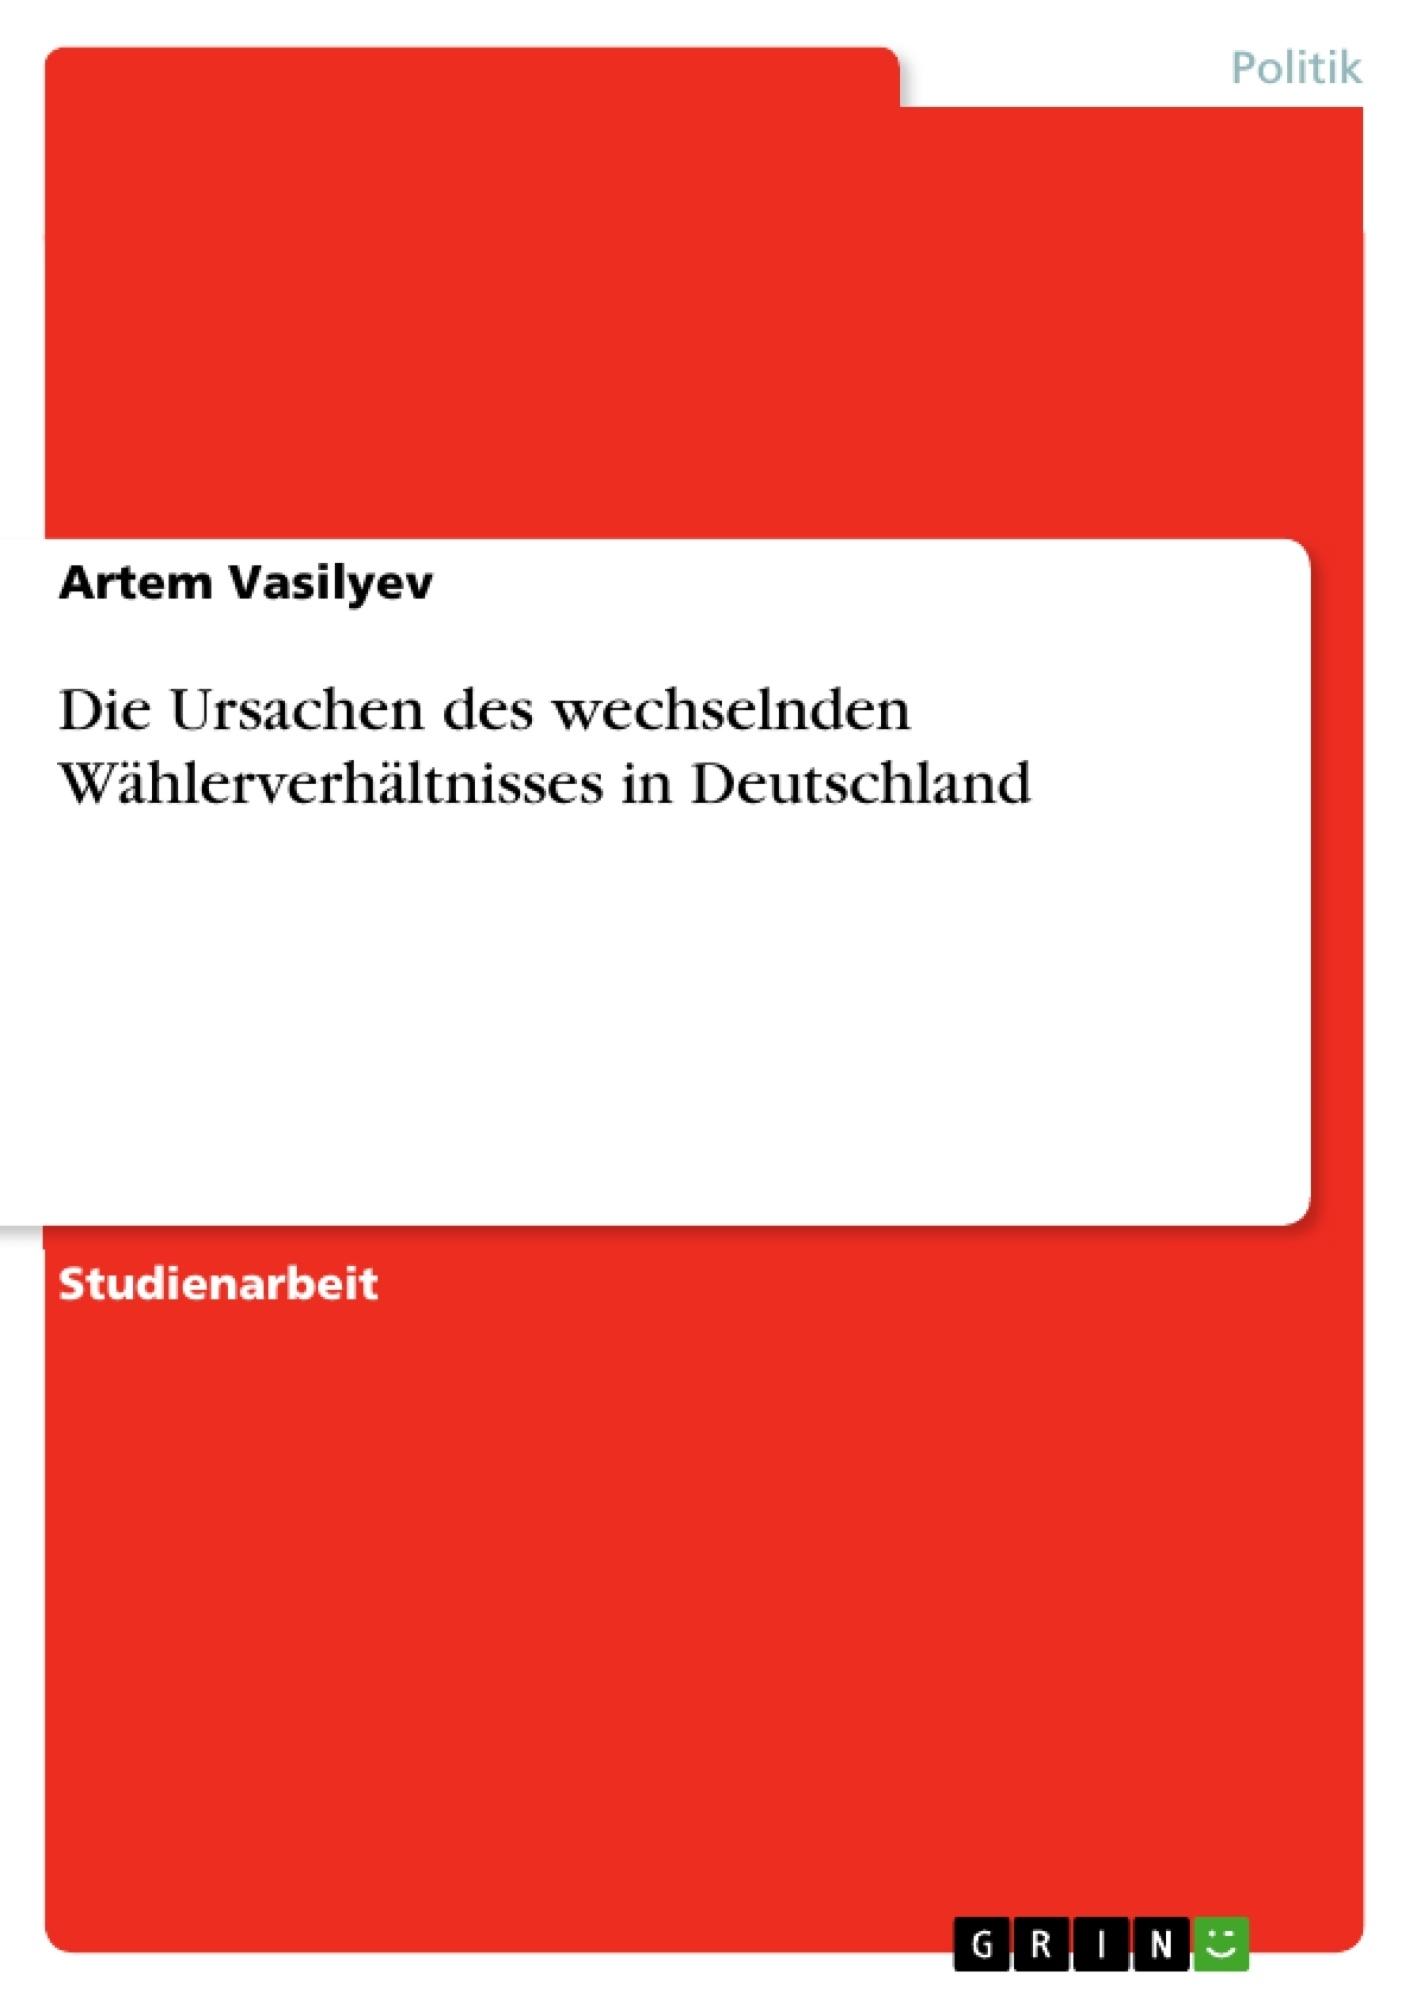 Titel: Die Ursachen des wechselnden Wählerverhältnisses in Deutschland